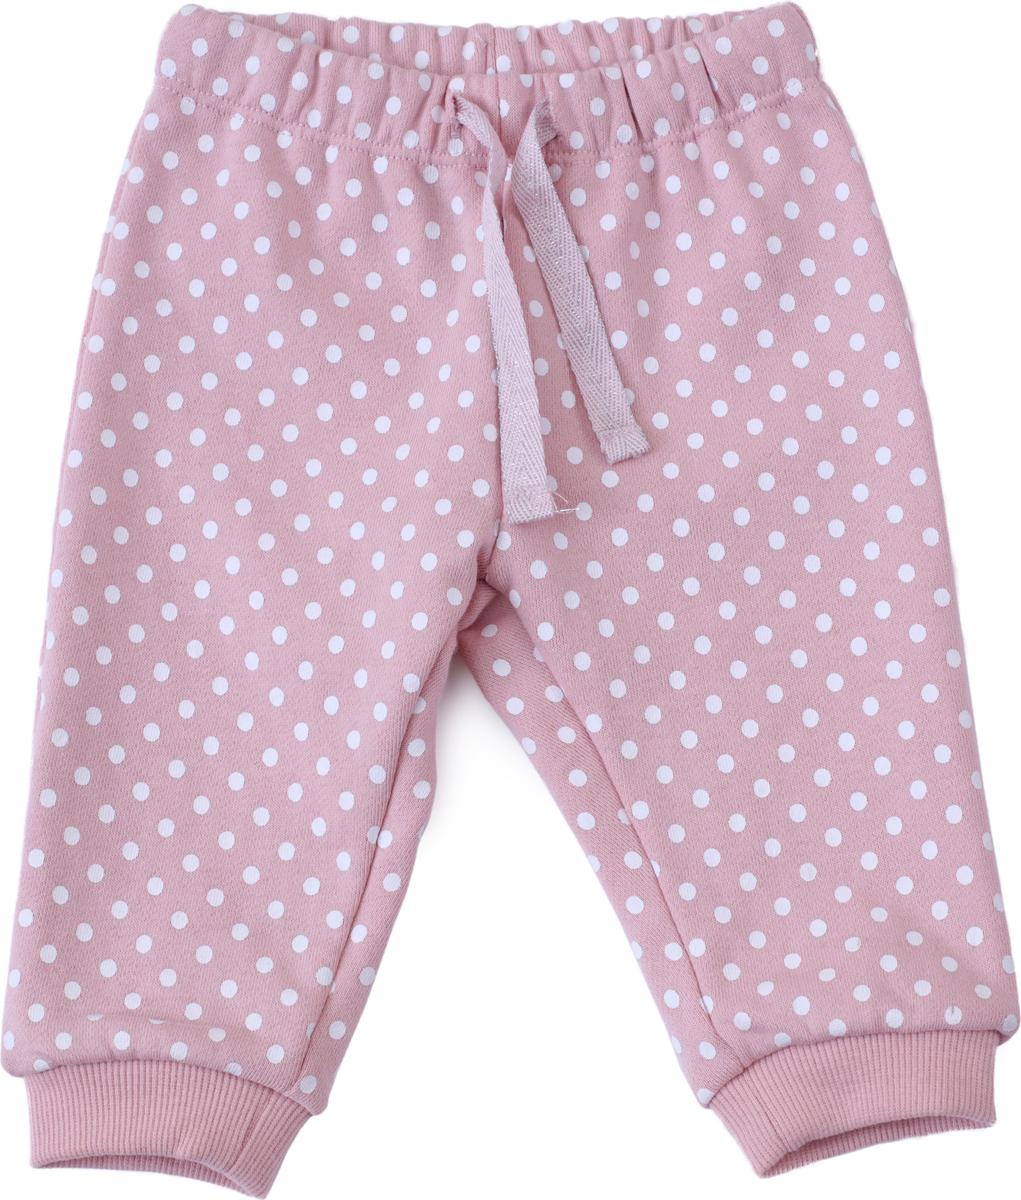 Брюки для девочки PlayToday, цвет: светло-розовый. 188805. Размер 80188805